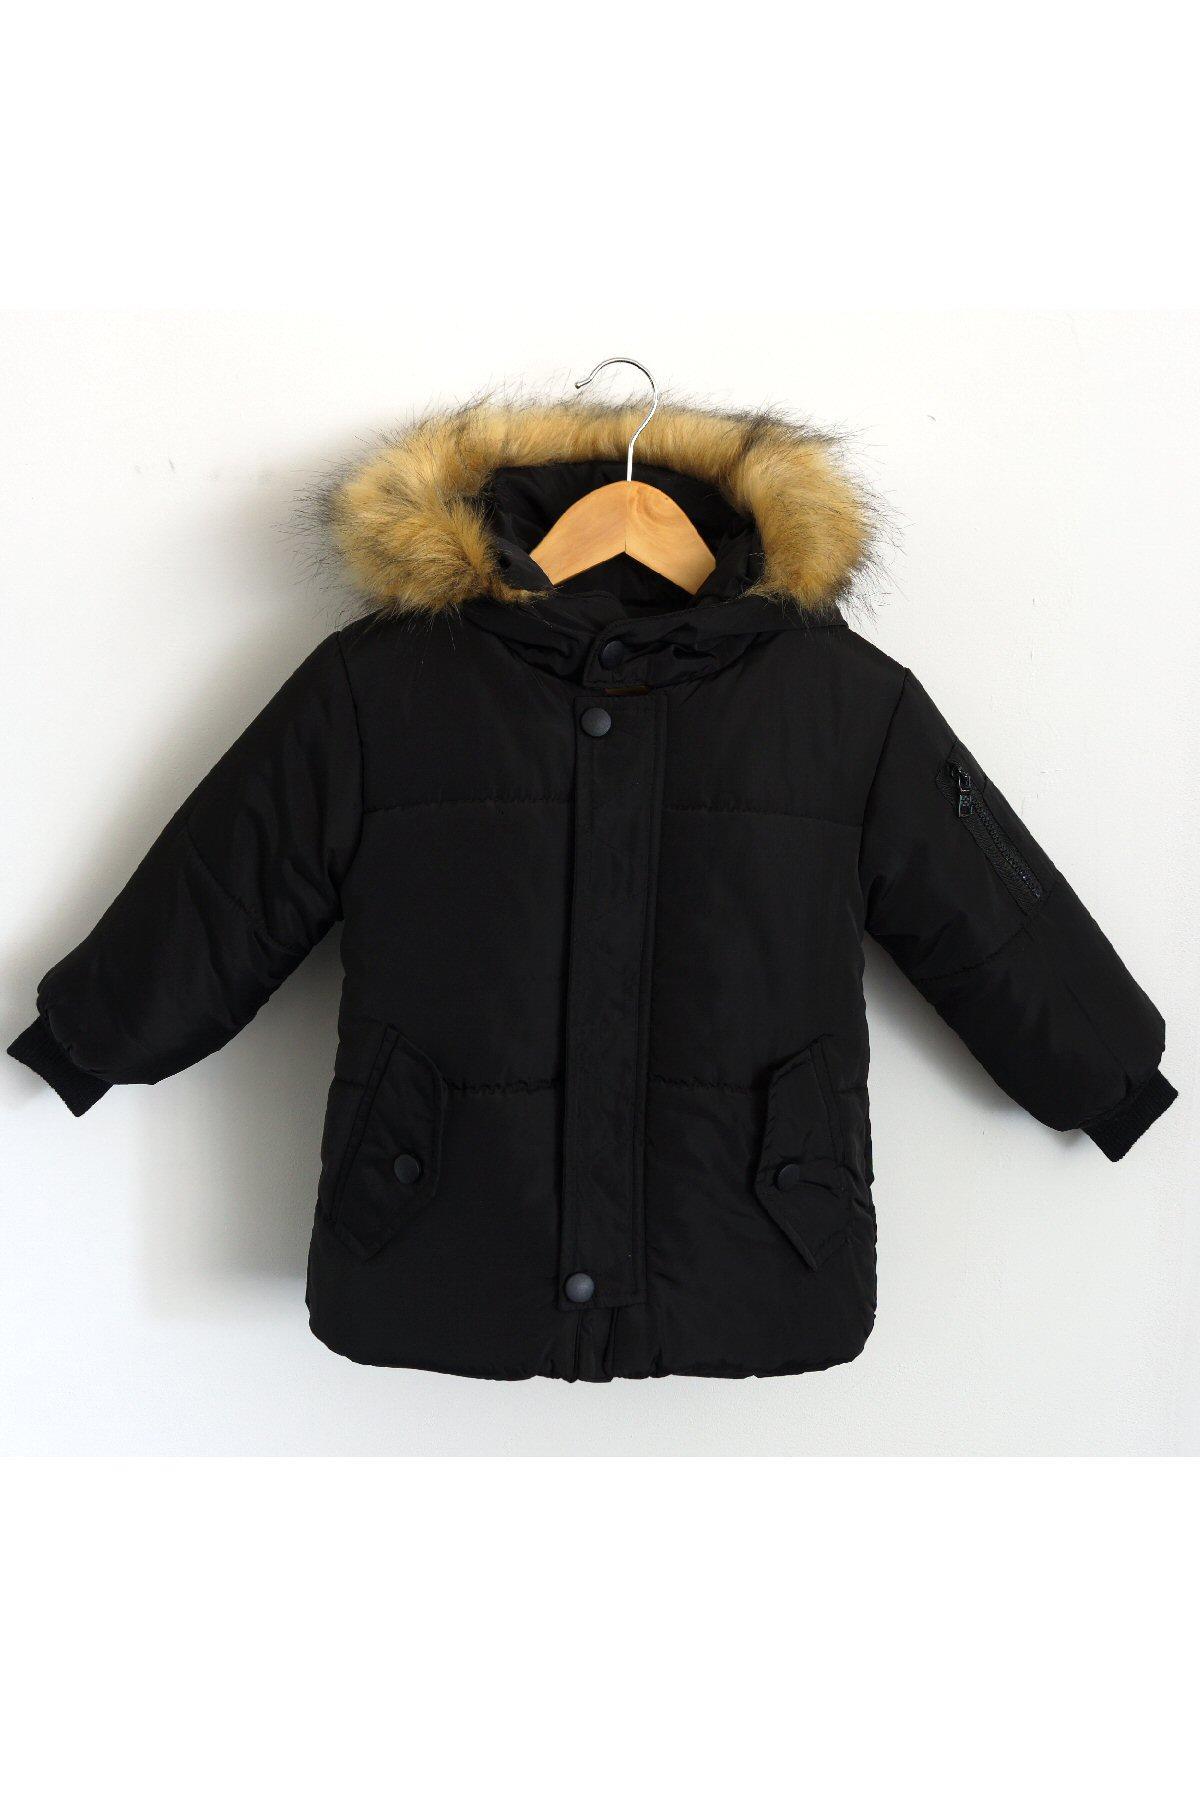 Vêtements extérieurs Enfant Noir KAYENNE L-5007 #c eFashion Paris